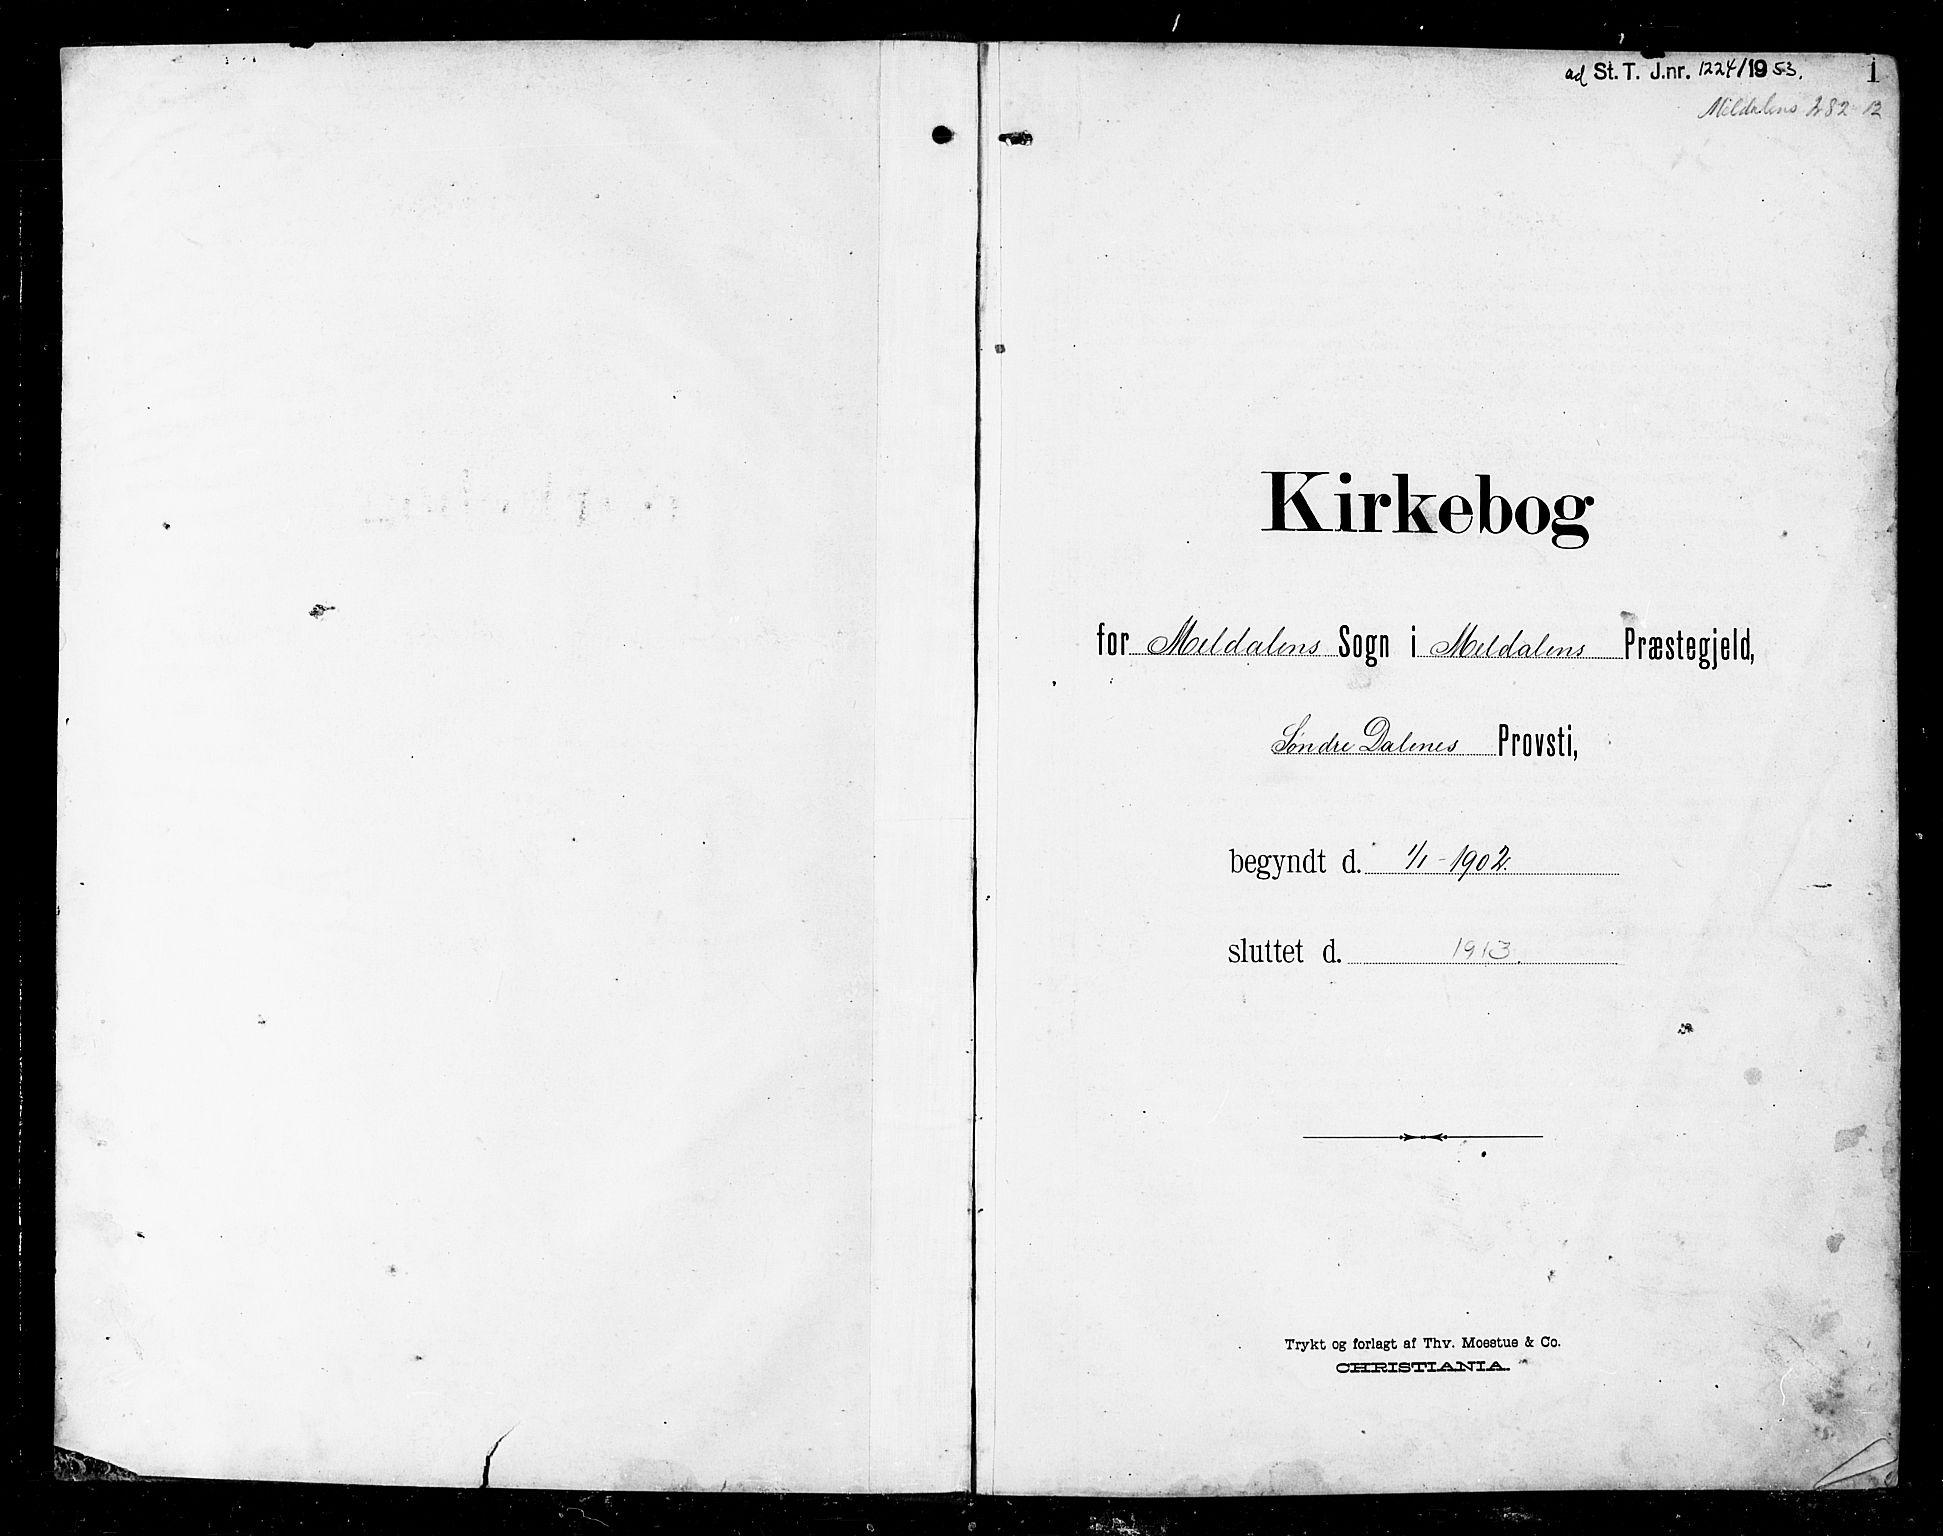 SAT, Ministerialprotokoller, klokkerbøker og fødselsregistre - Sør-Trøndelag, 672/L0864: Klokkerbok nr. 672C03, 1902-1914, s. 1